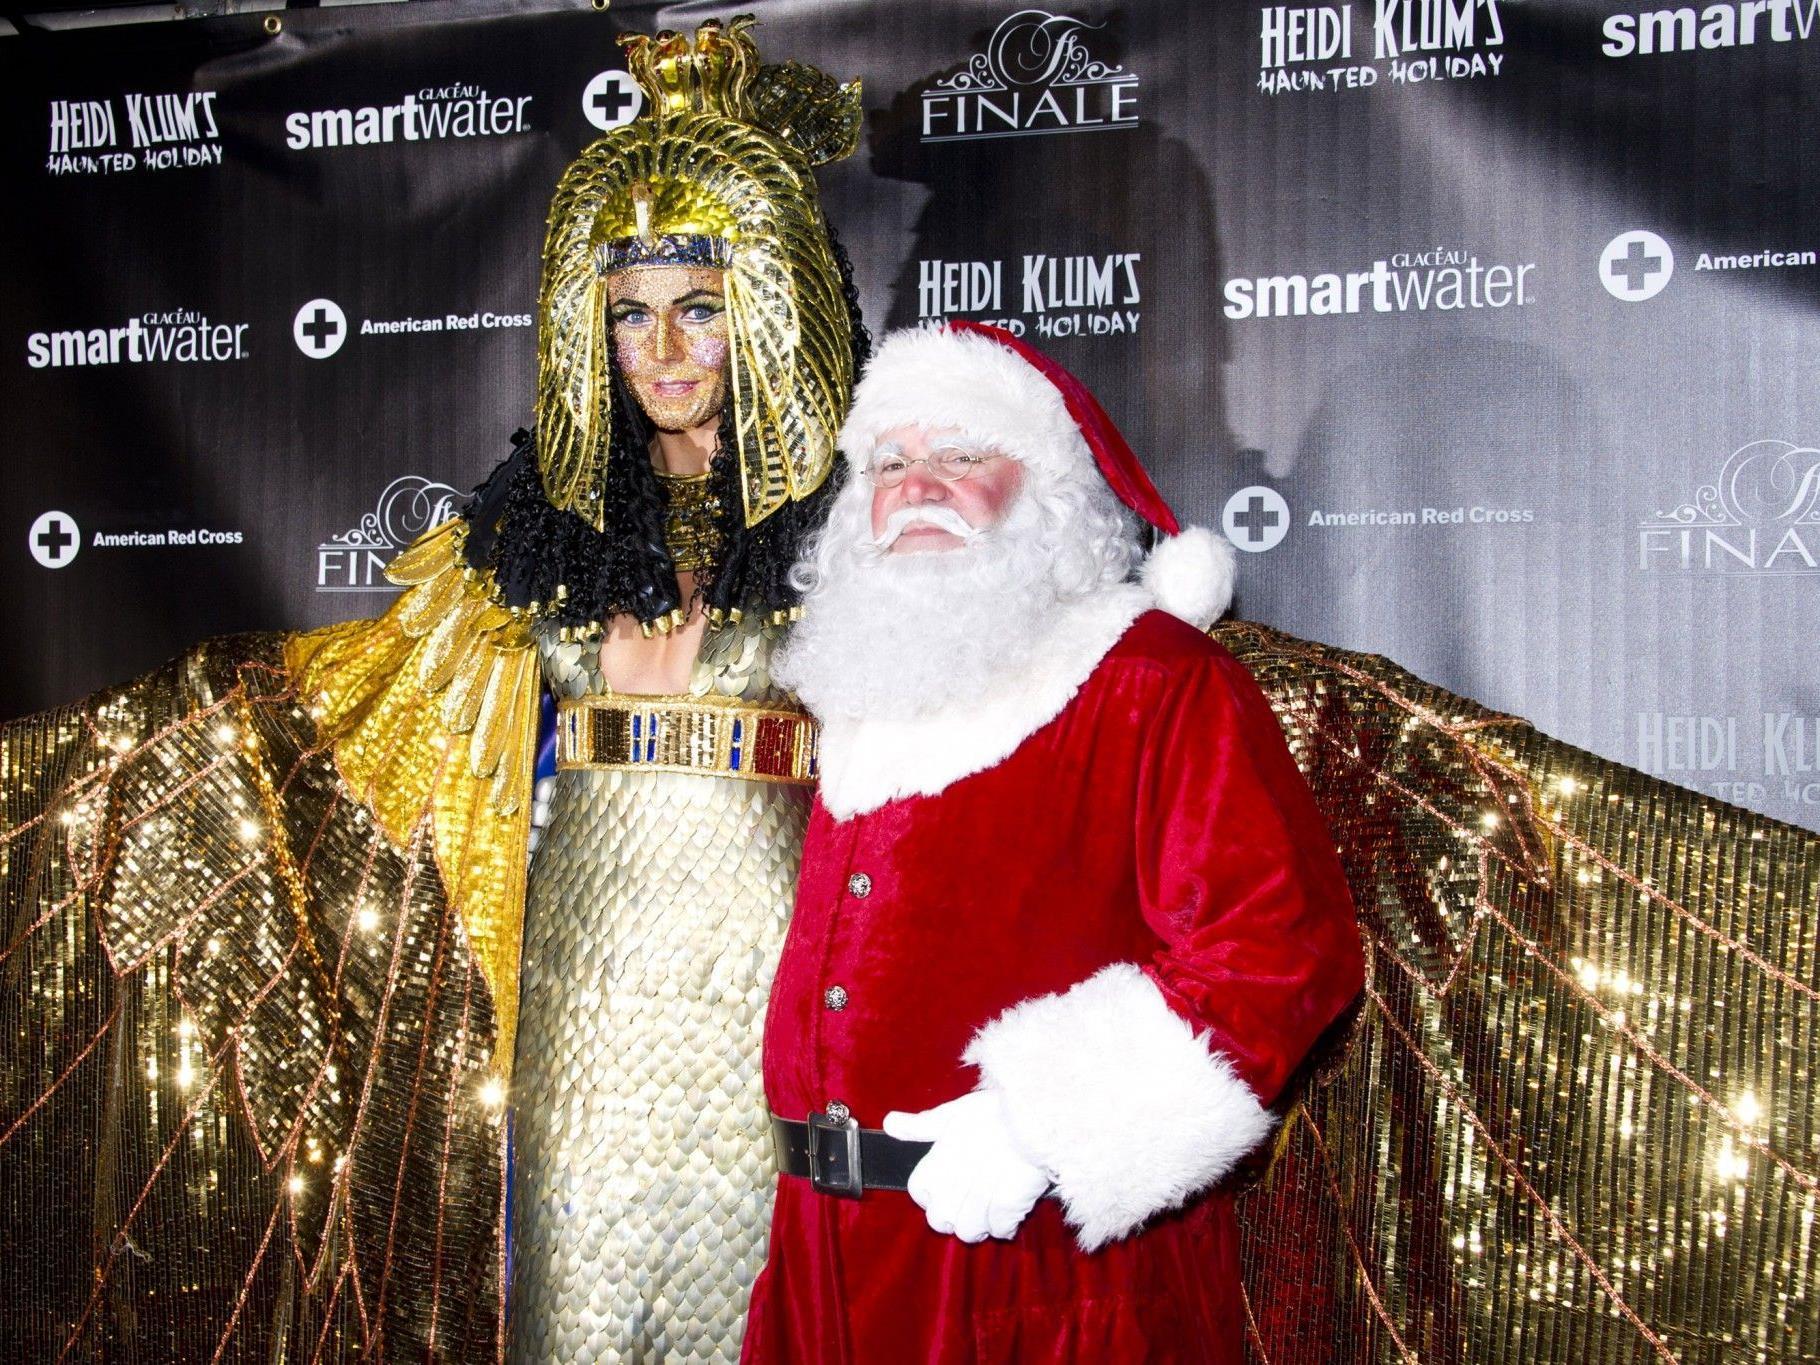 Heidi präsentierte sich in einem goldglitzernden Kleopatra-Kostüm.